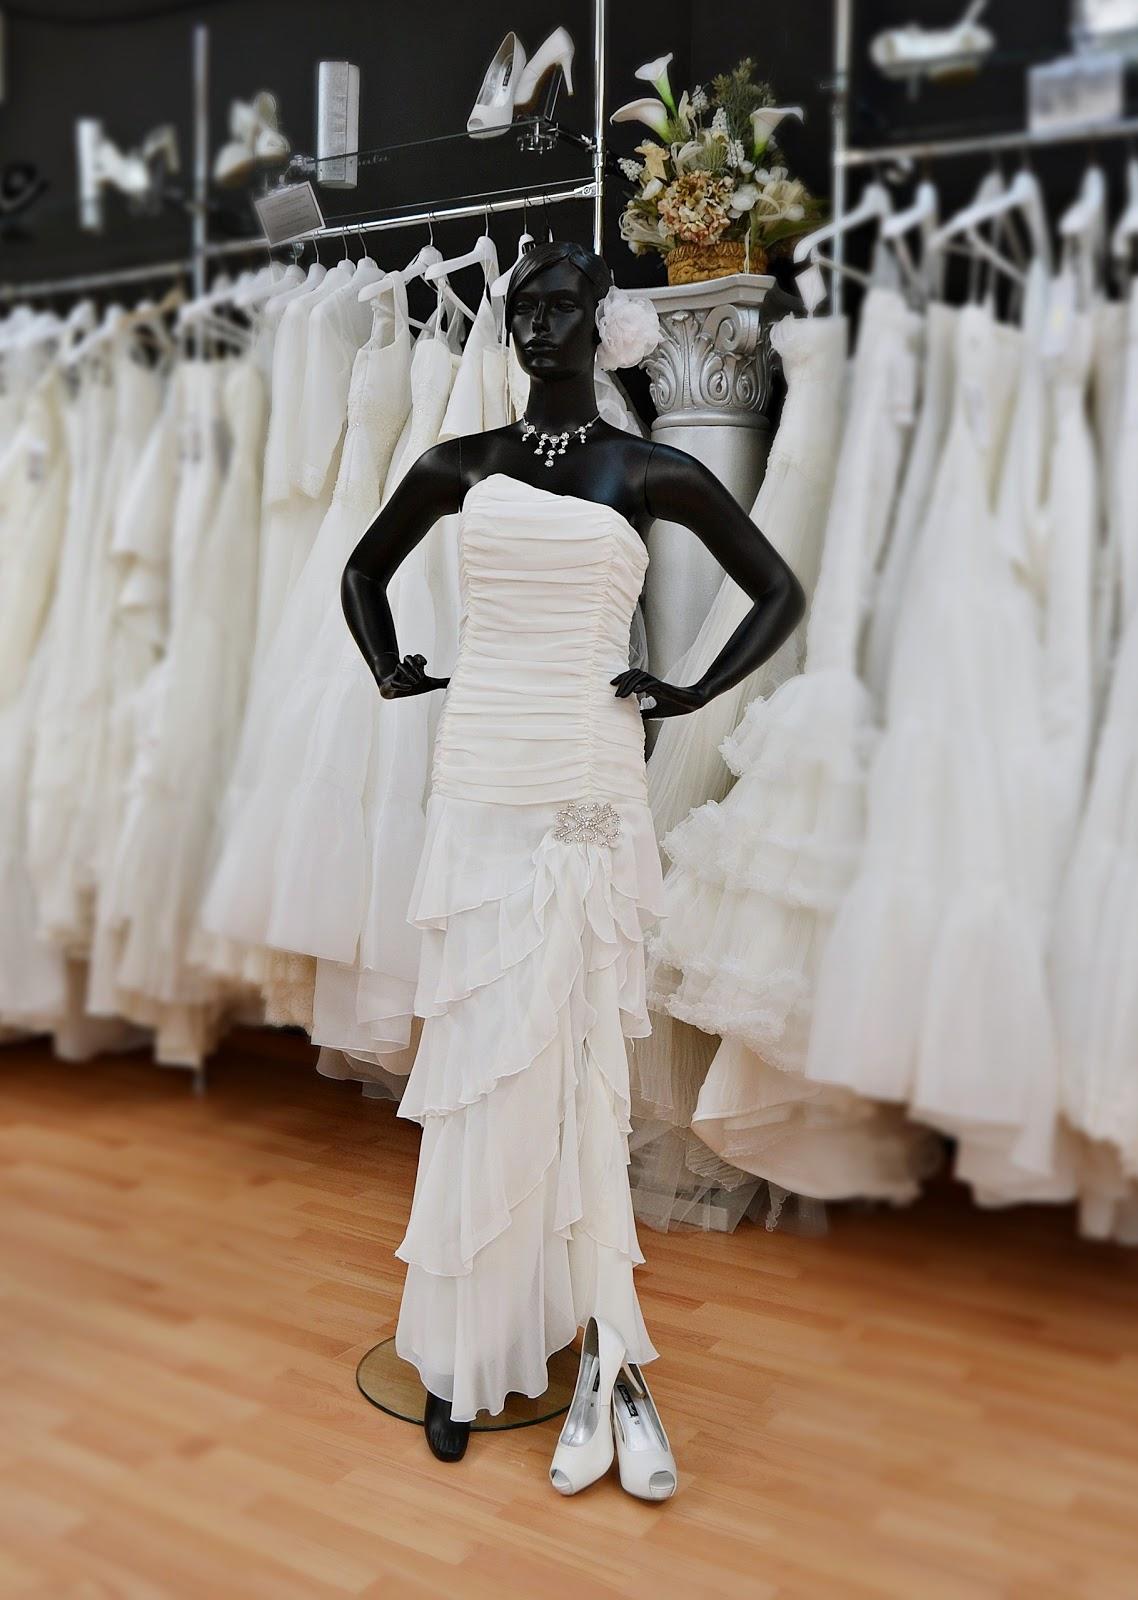 c2753f2bf Tu vestido de novia por 100 € (y menos) - Blog Mi Boda